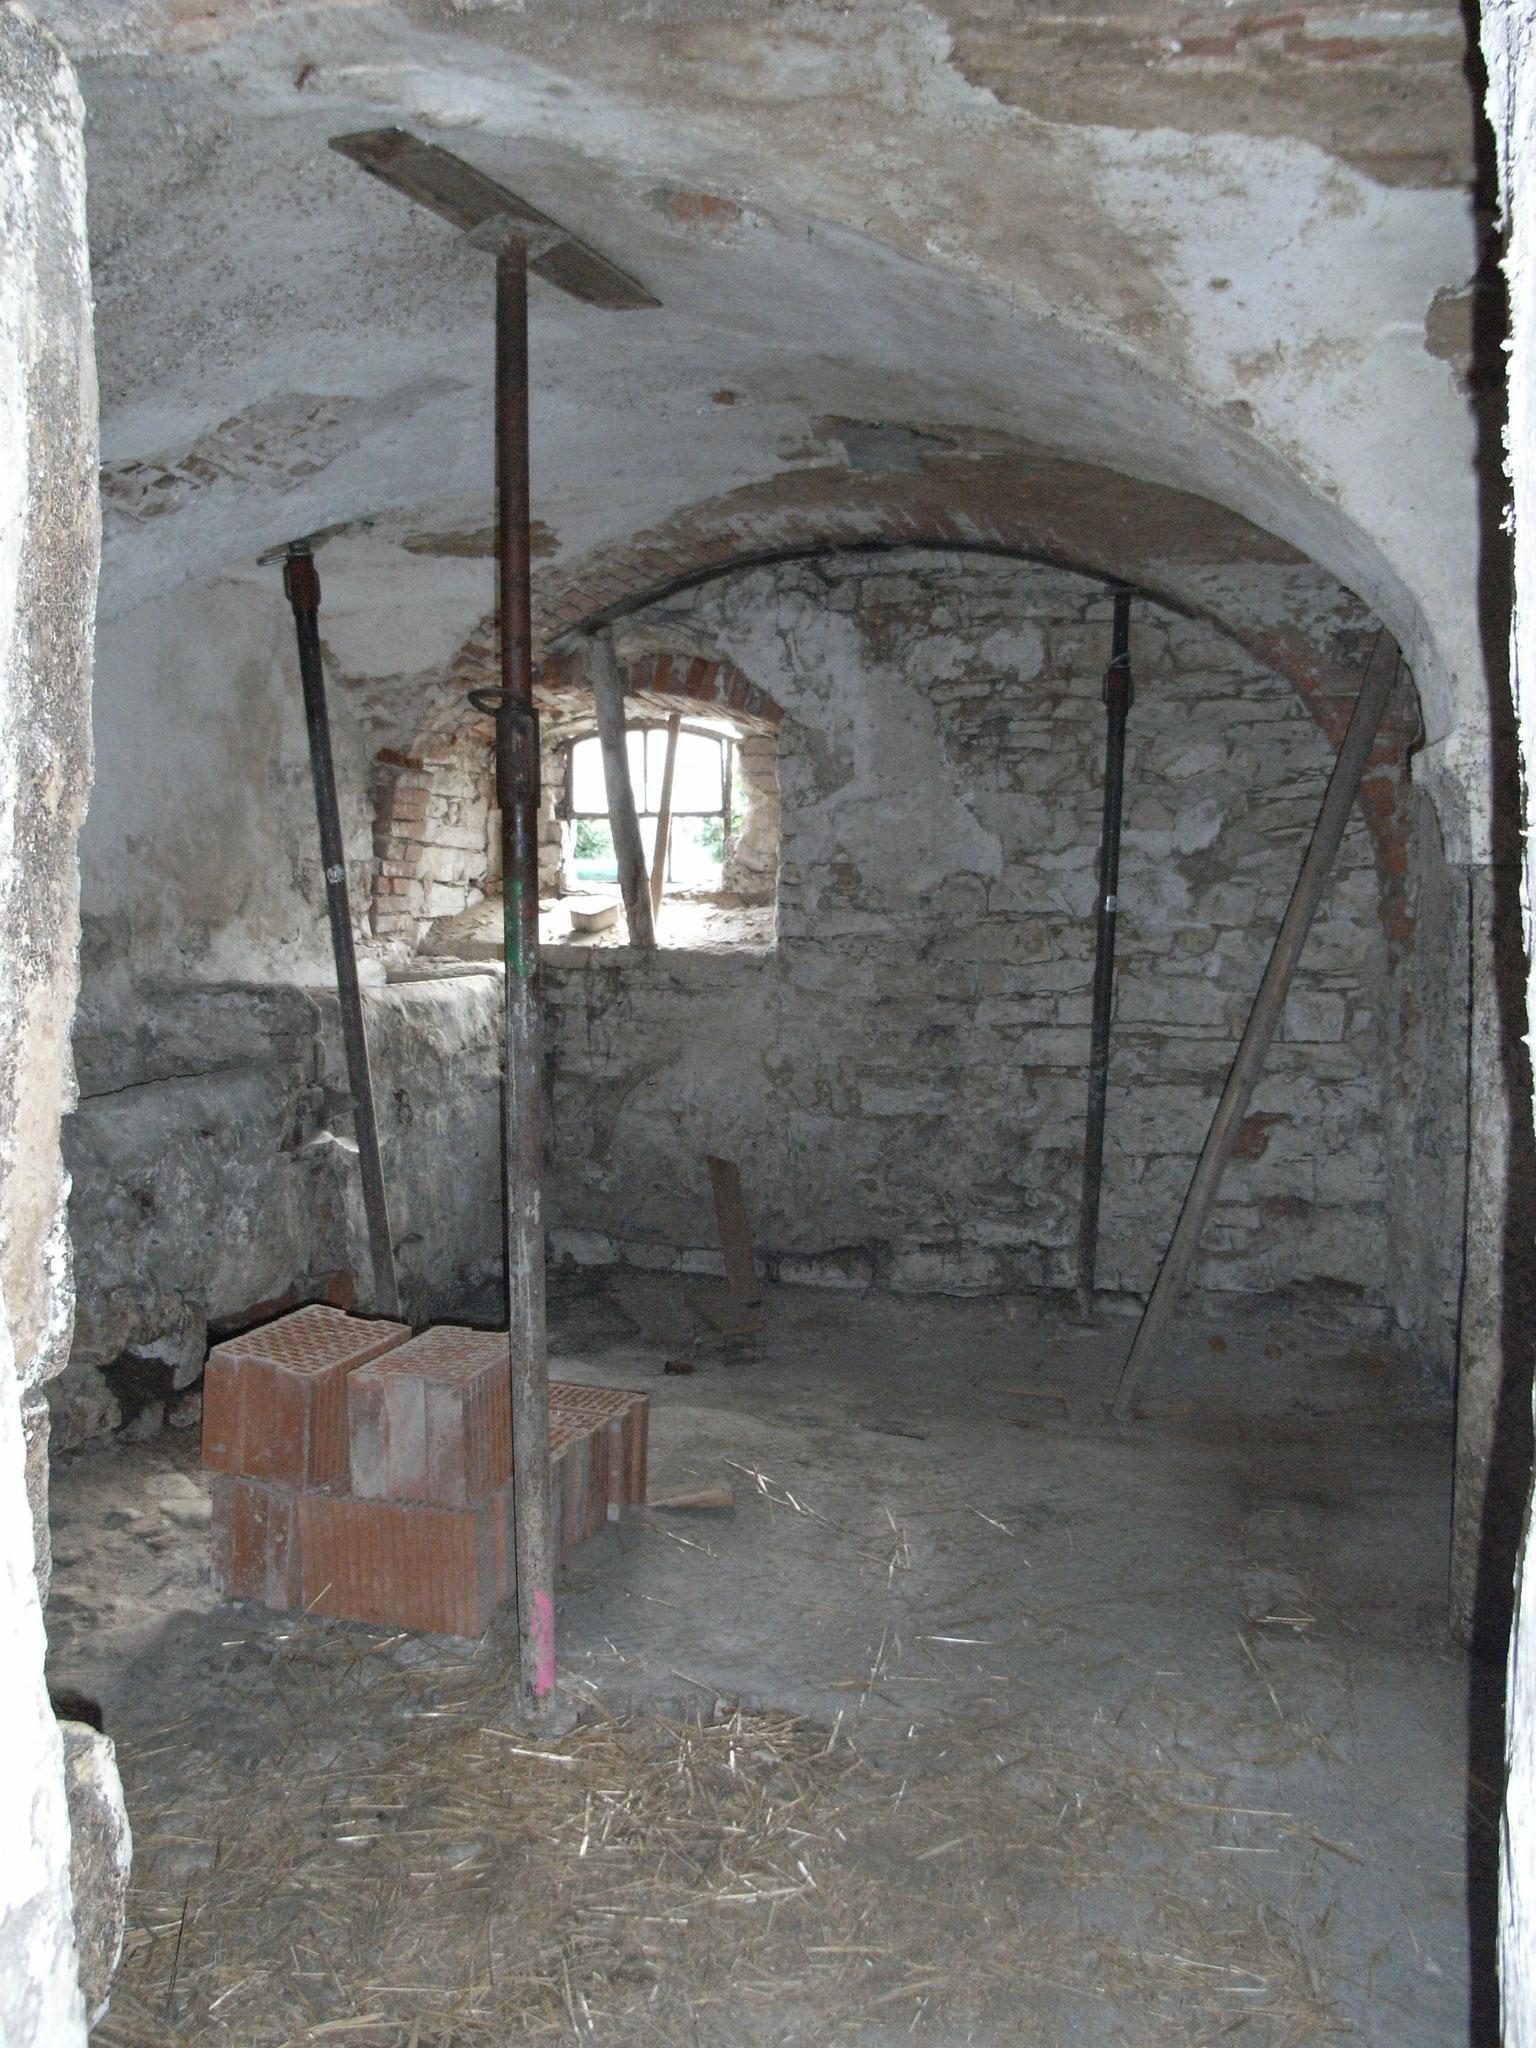 Zustand vor der Sanierung (Quelle: http://www.obermuehle-muehlbach.de/images/stallstadel.JPG)